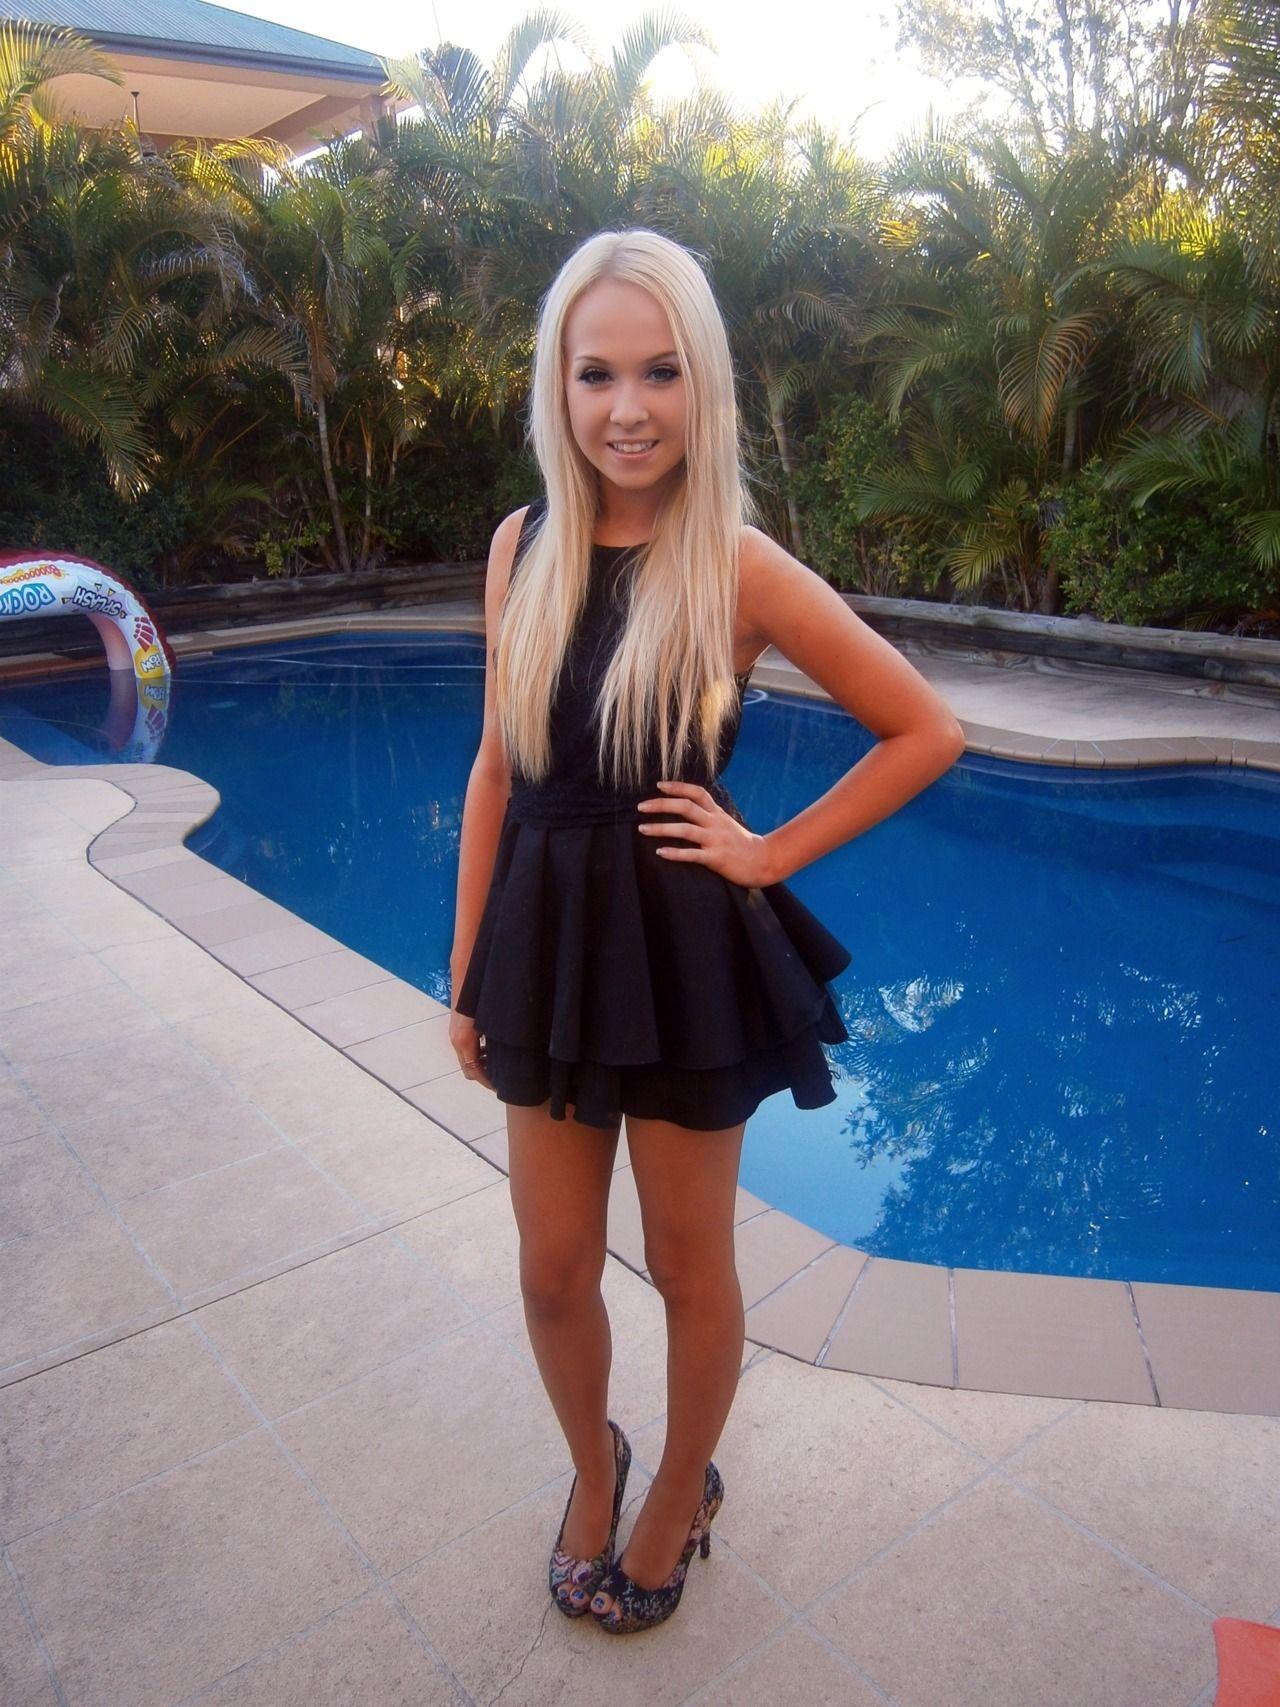 Skinny Blonde Teen Girl